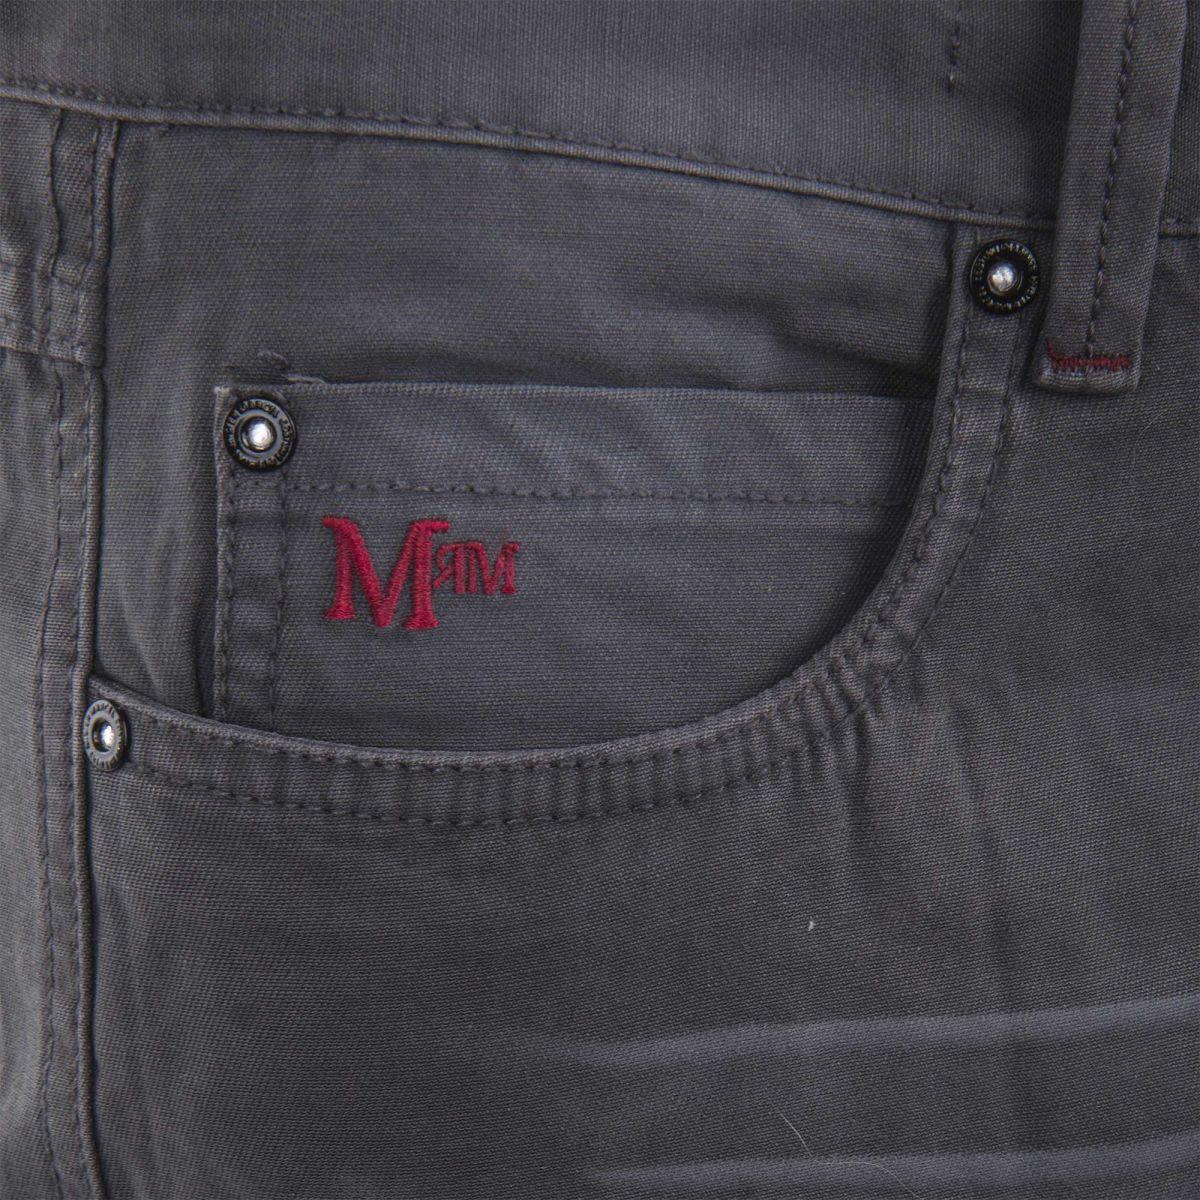 5ebf109ff59 ... Pantalon en toile coupe droite jean homme LITTLE MARCEL marque pas cher  prix dégriffés destockage ...